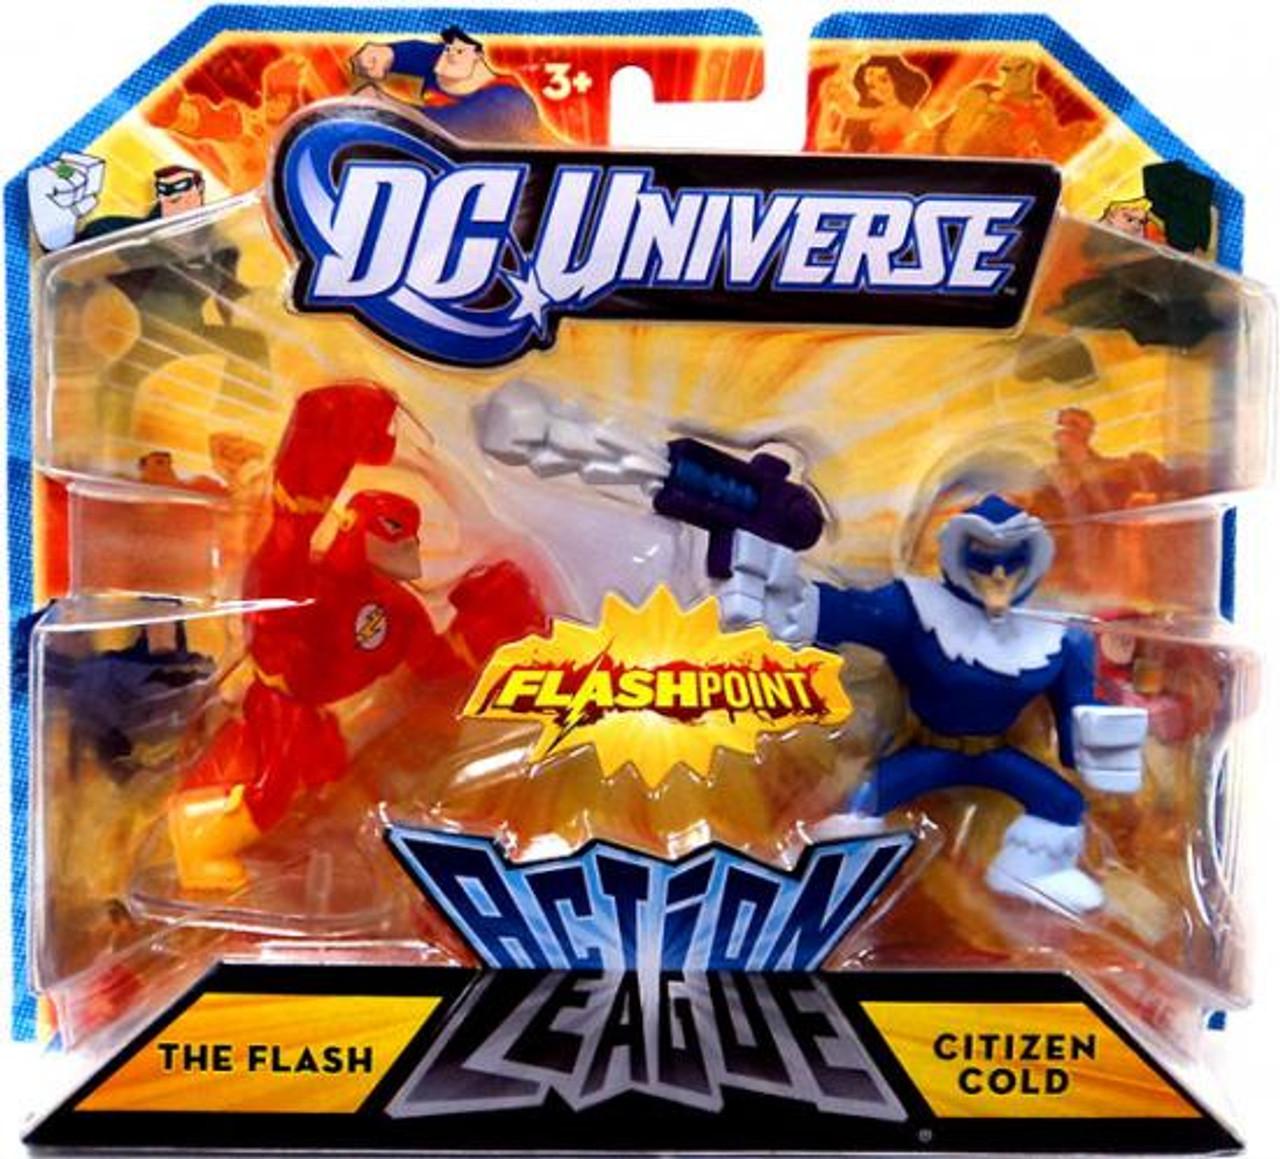 DC Universe Flashpoint Action League The Flash & Citizen Cold 3-Inch Mini Figures